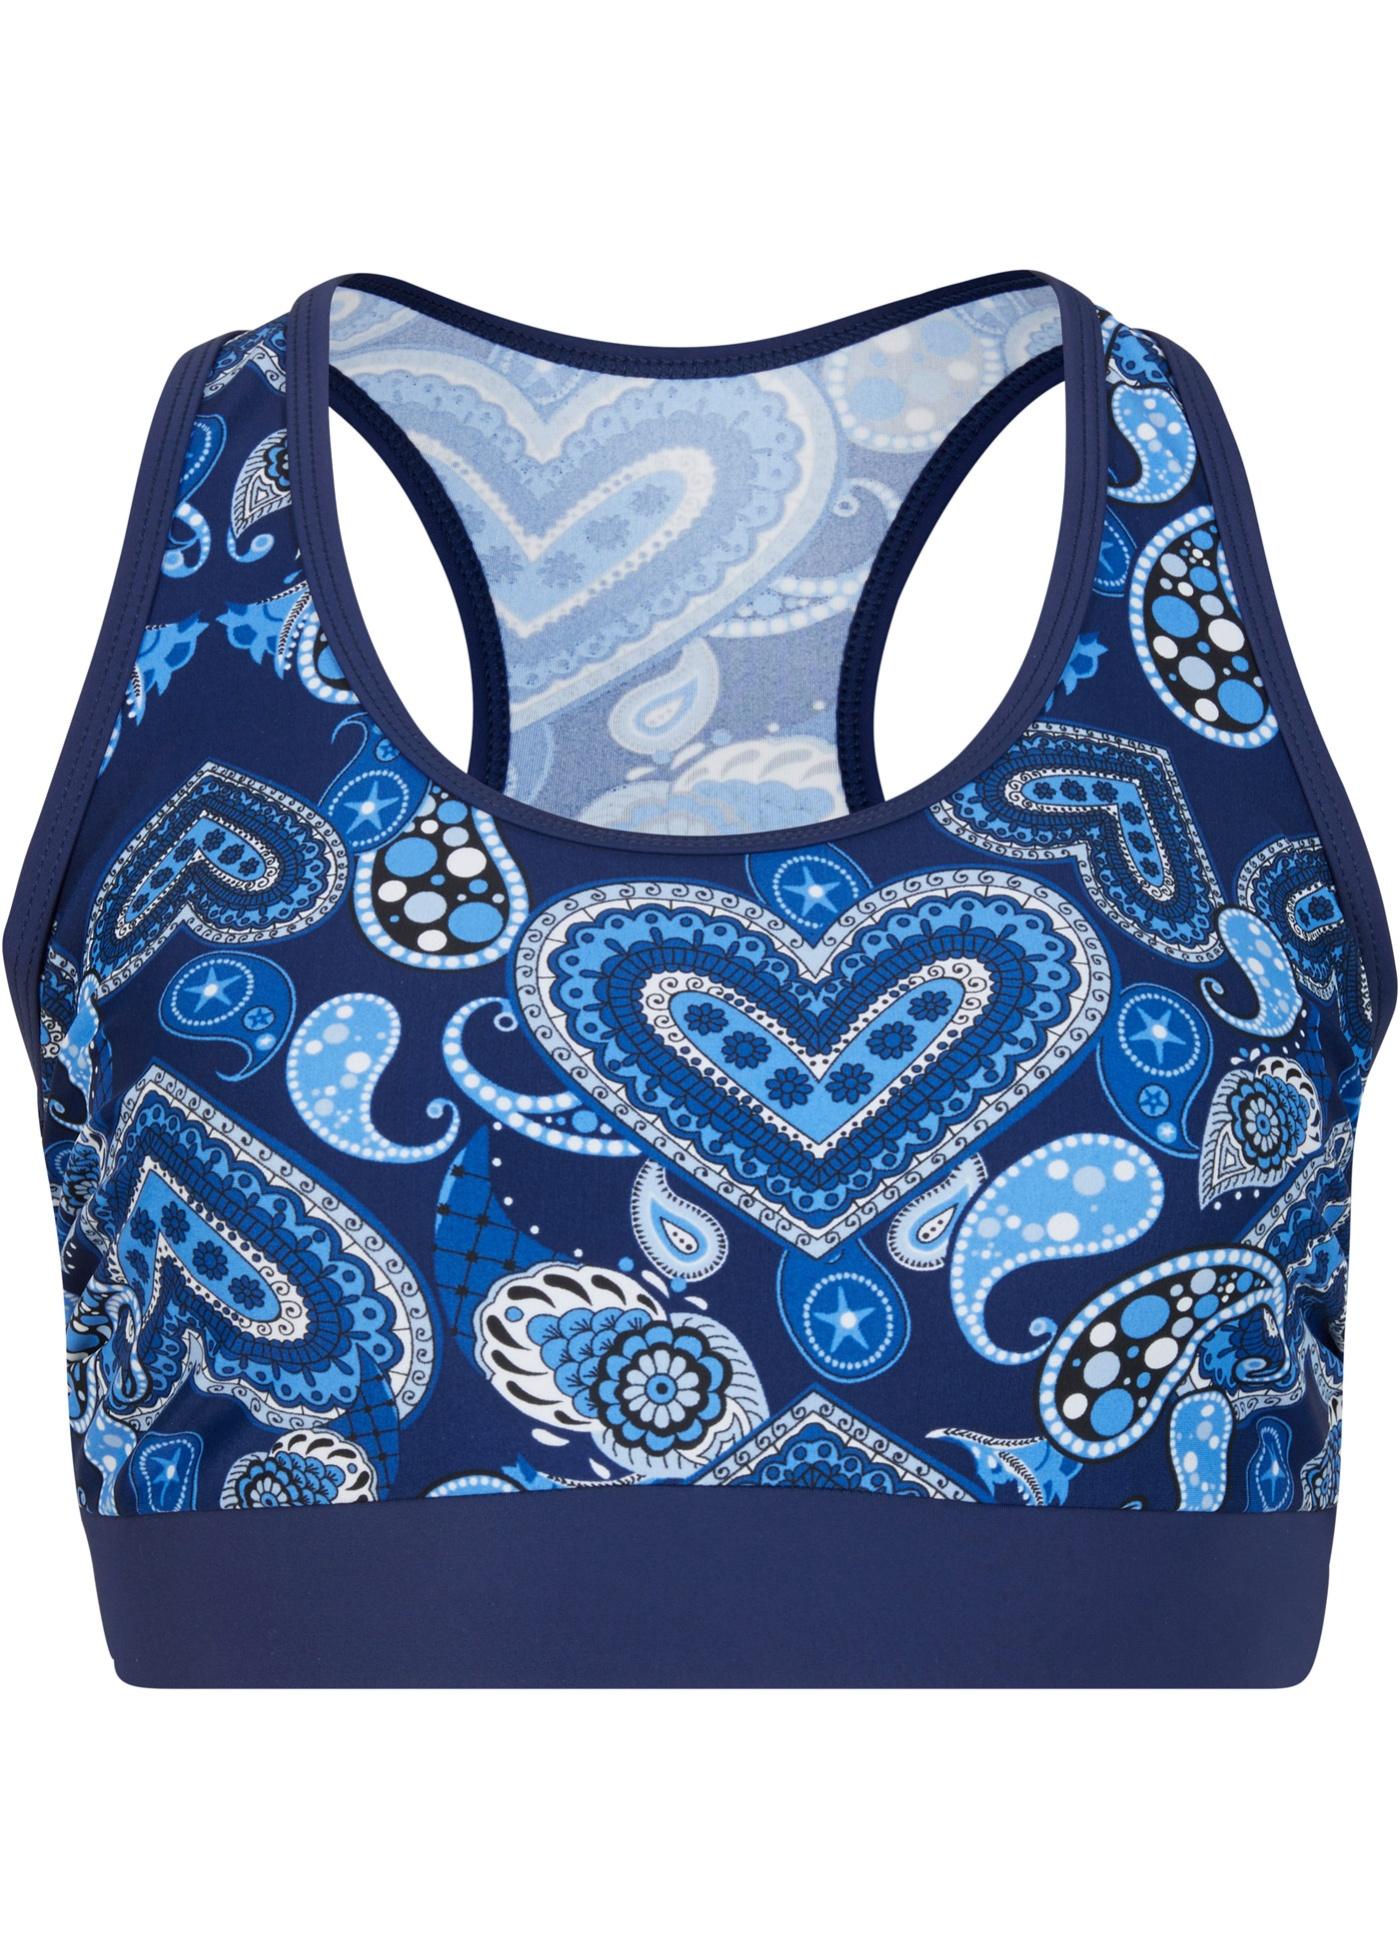 Bademode - Bustier Bikini Oberteil › bonprix › blau  - Onlineshop Bonprix